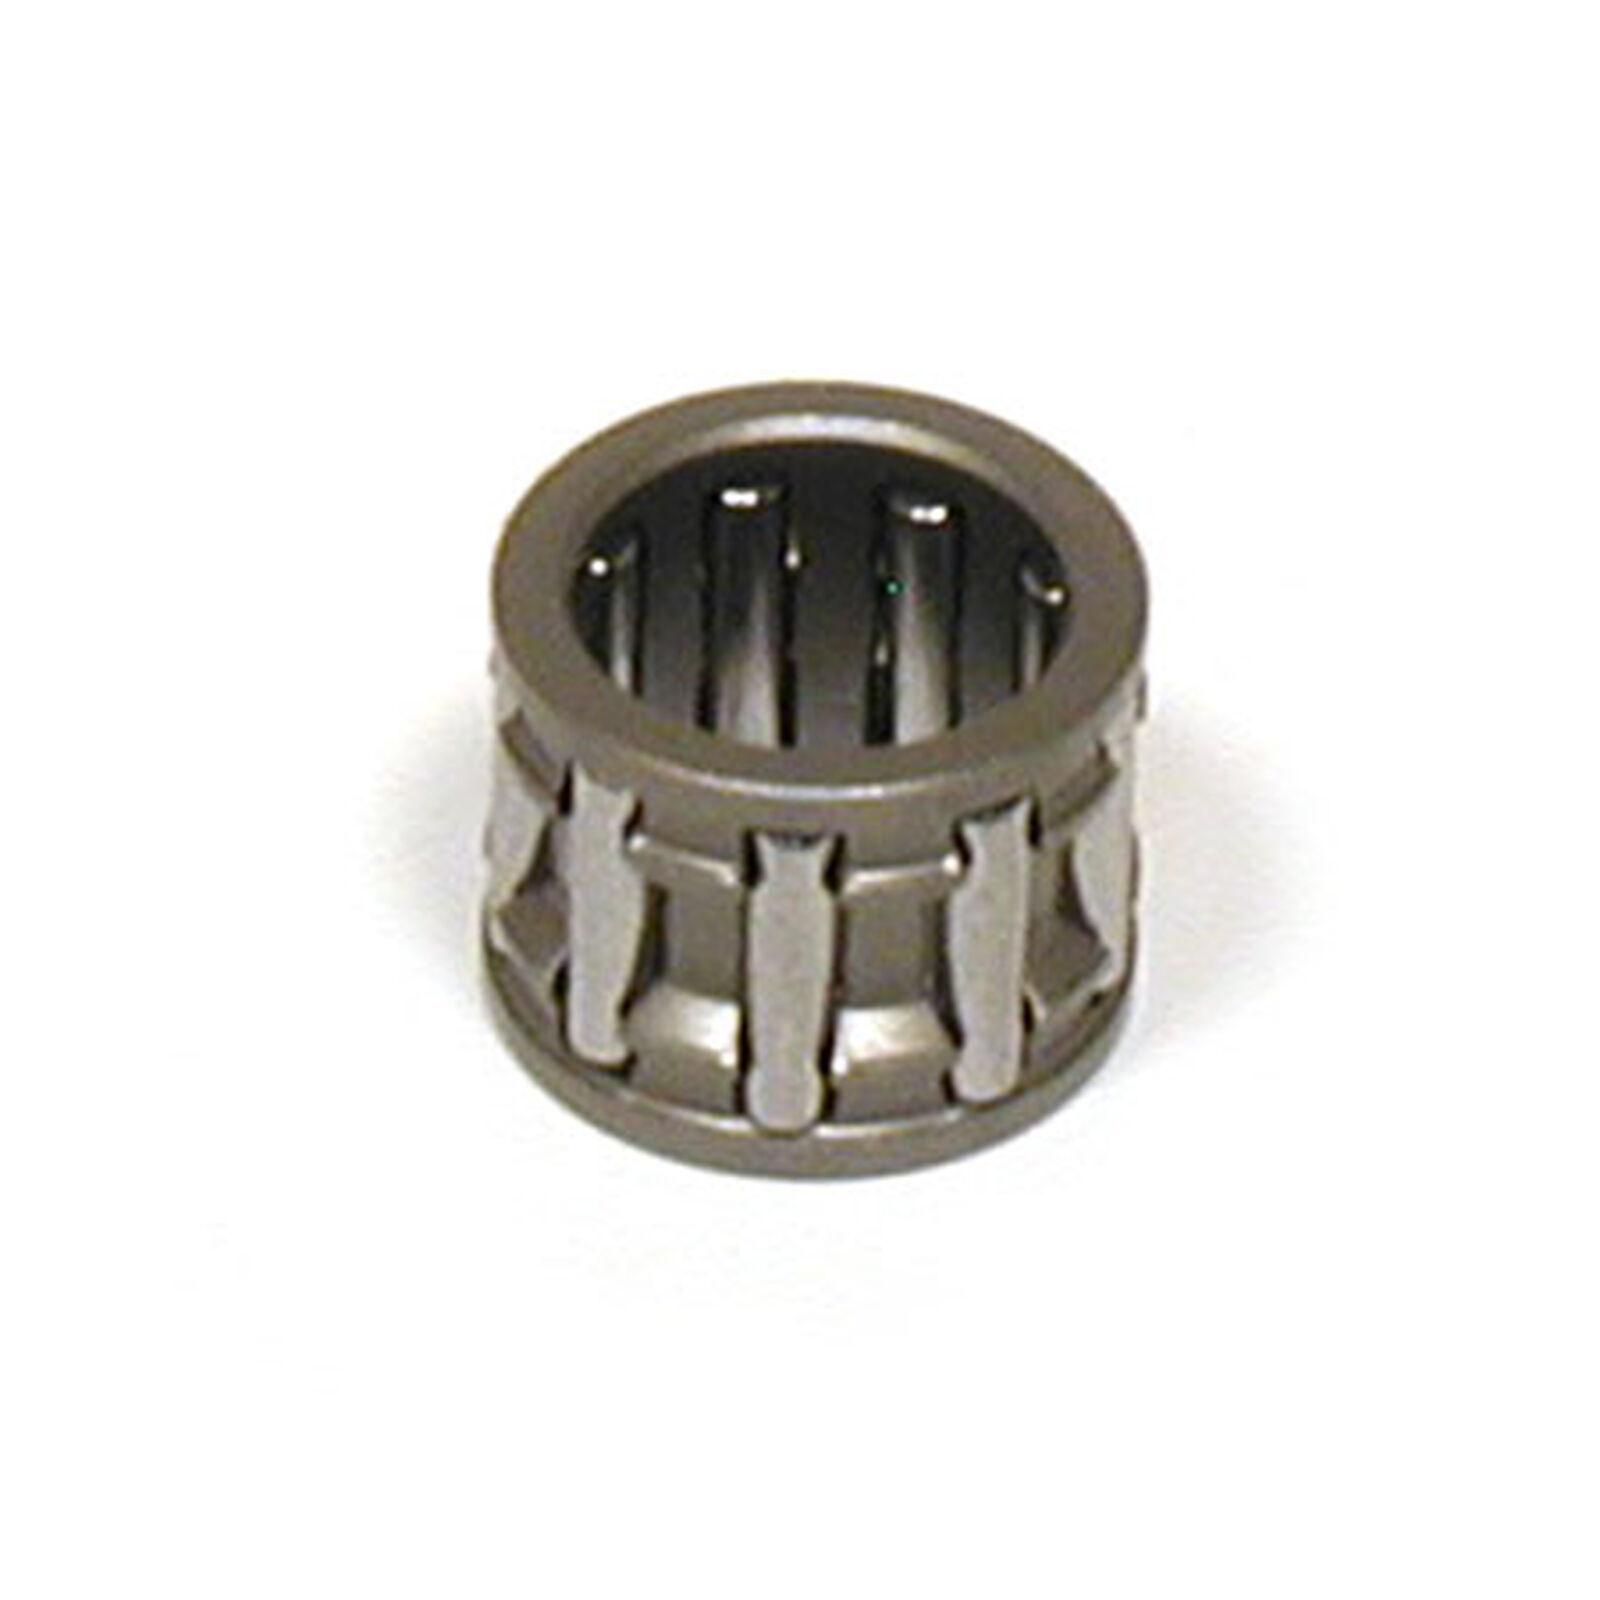 Z445 2850-41410 Bearing